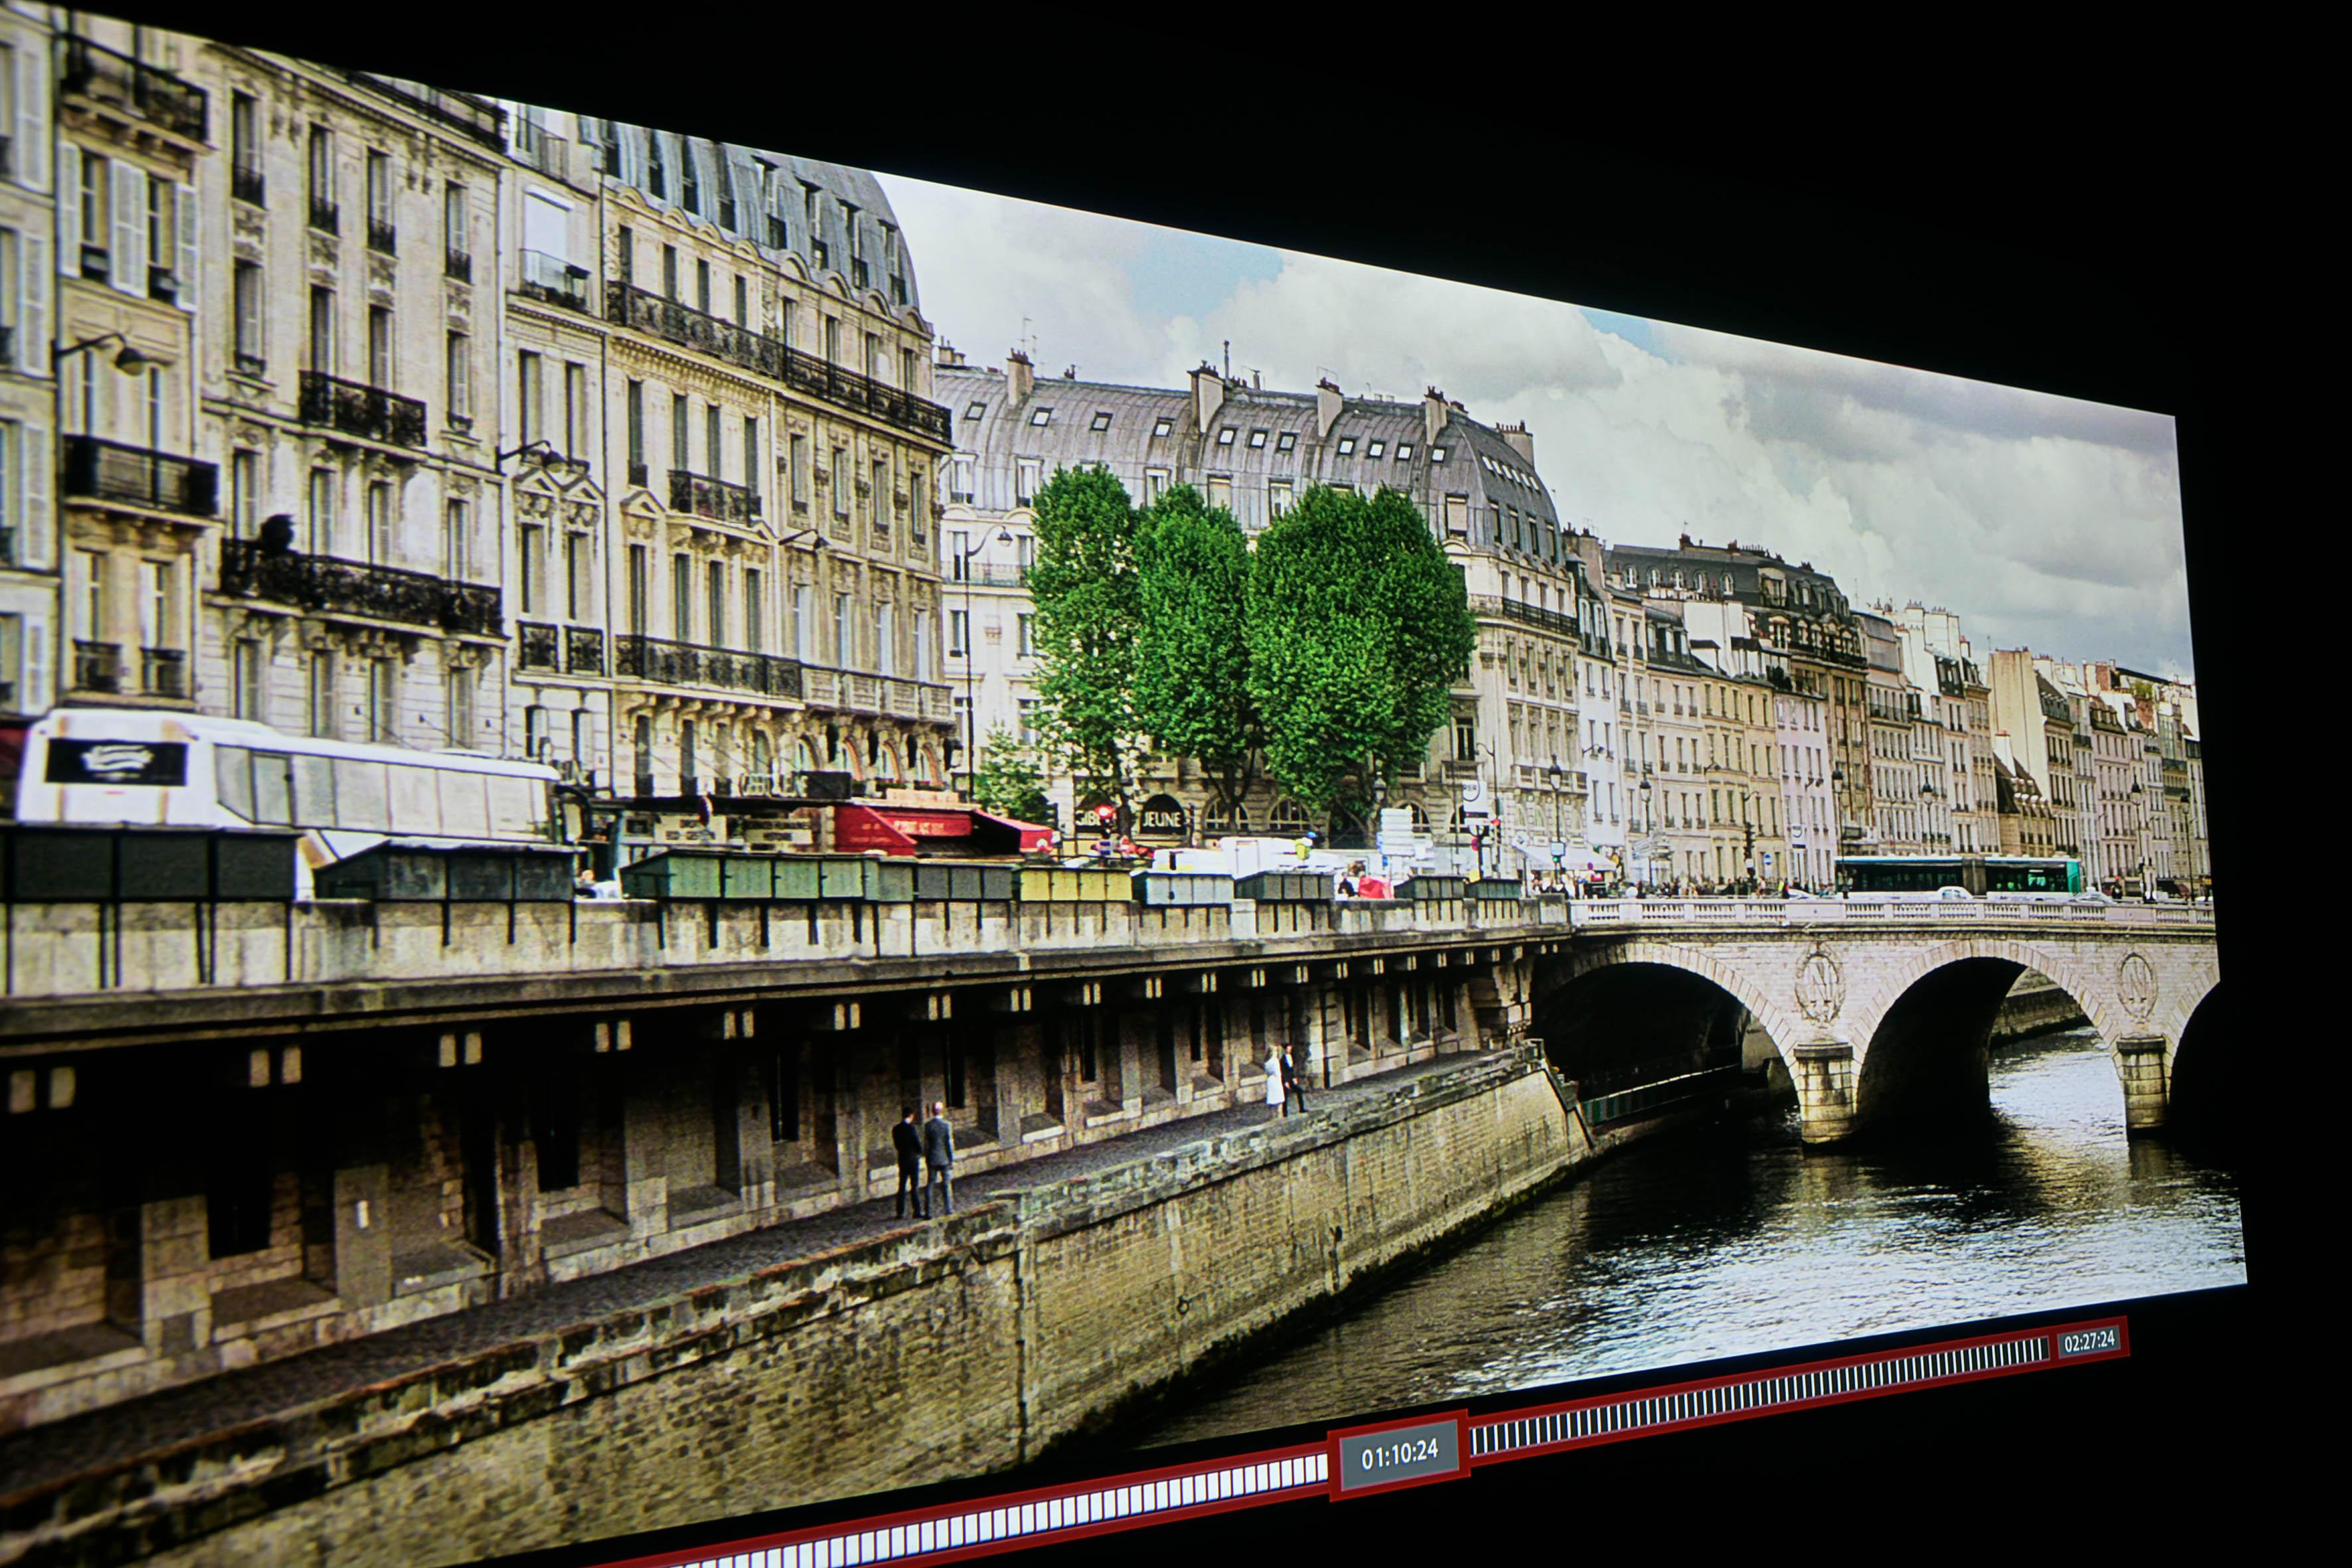 HDR – Auch in dieser Szene legt die HDR-Fassung noch eine Schippe drauf. Die Bäume besitzen noch mehr Zeichnung und ein satteres Grün. An der Brücke ist jeder einzelne Mauerstein vorhanden, ebenso an der Kaimauer. Selbst die Fenster der Gebäude profitieren erheblich von der 4-mal höheren Auflösung gegenüber der Full-HD-Fassung.